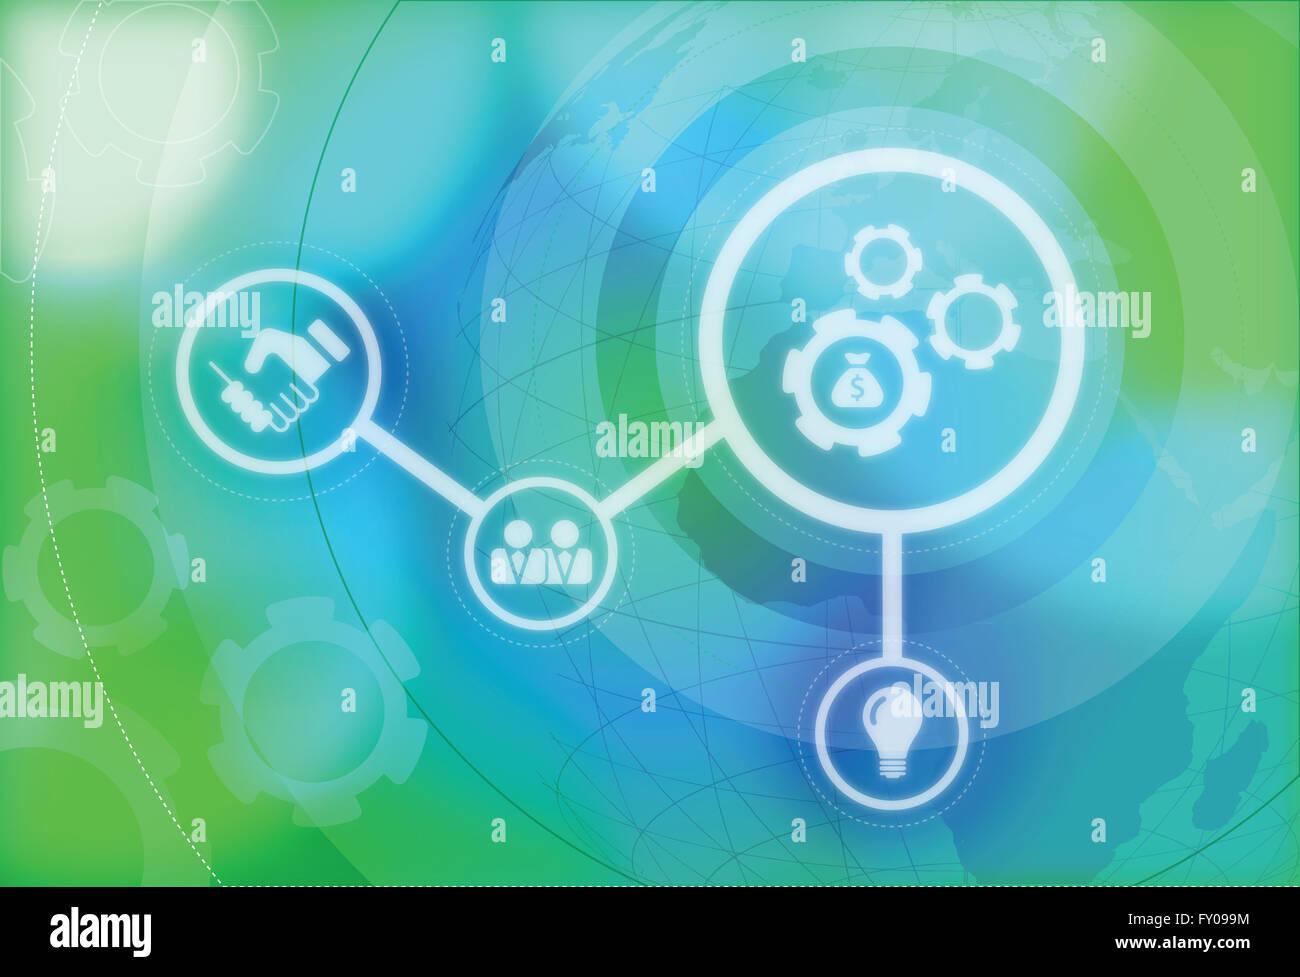 Anschauliches Bild der Business Mechanik, Politik und Wirtschaft zusammenführen Stockbild